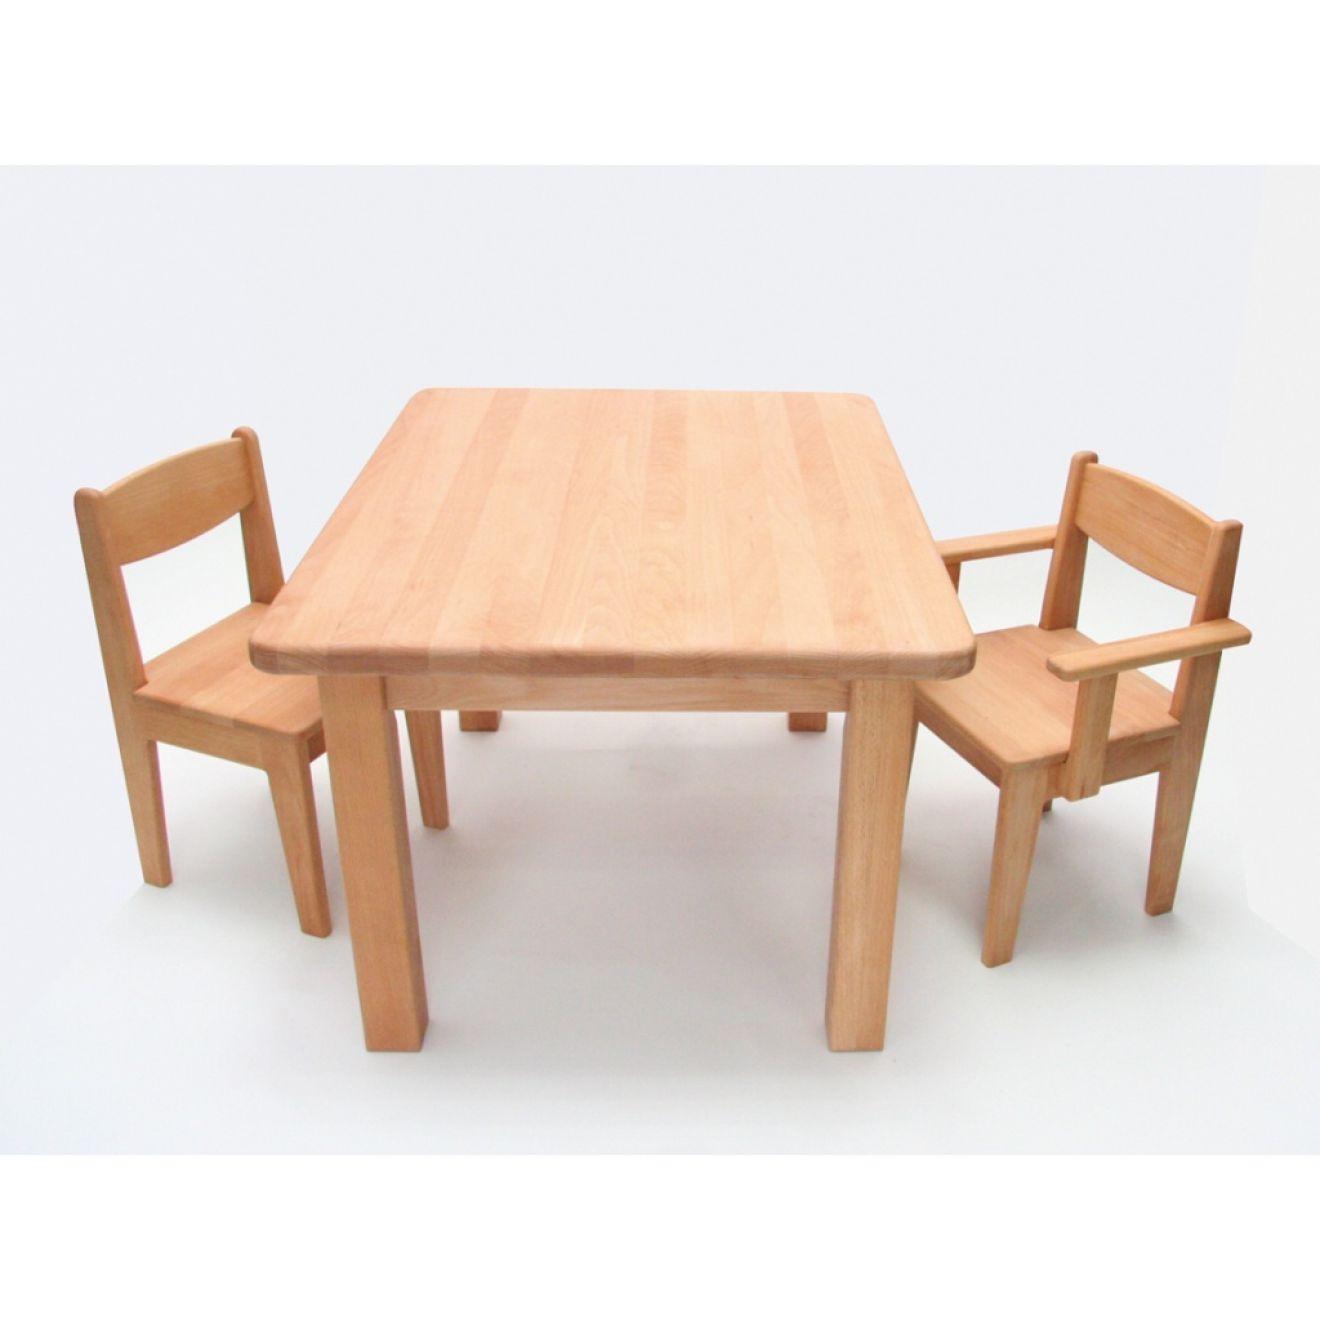 kindertisch holz buche massiv ge lt h he 49 cm kleinkind. Black Bedroom Furniture Sets. Home Design Ideas